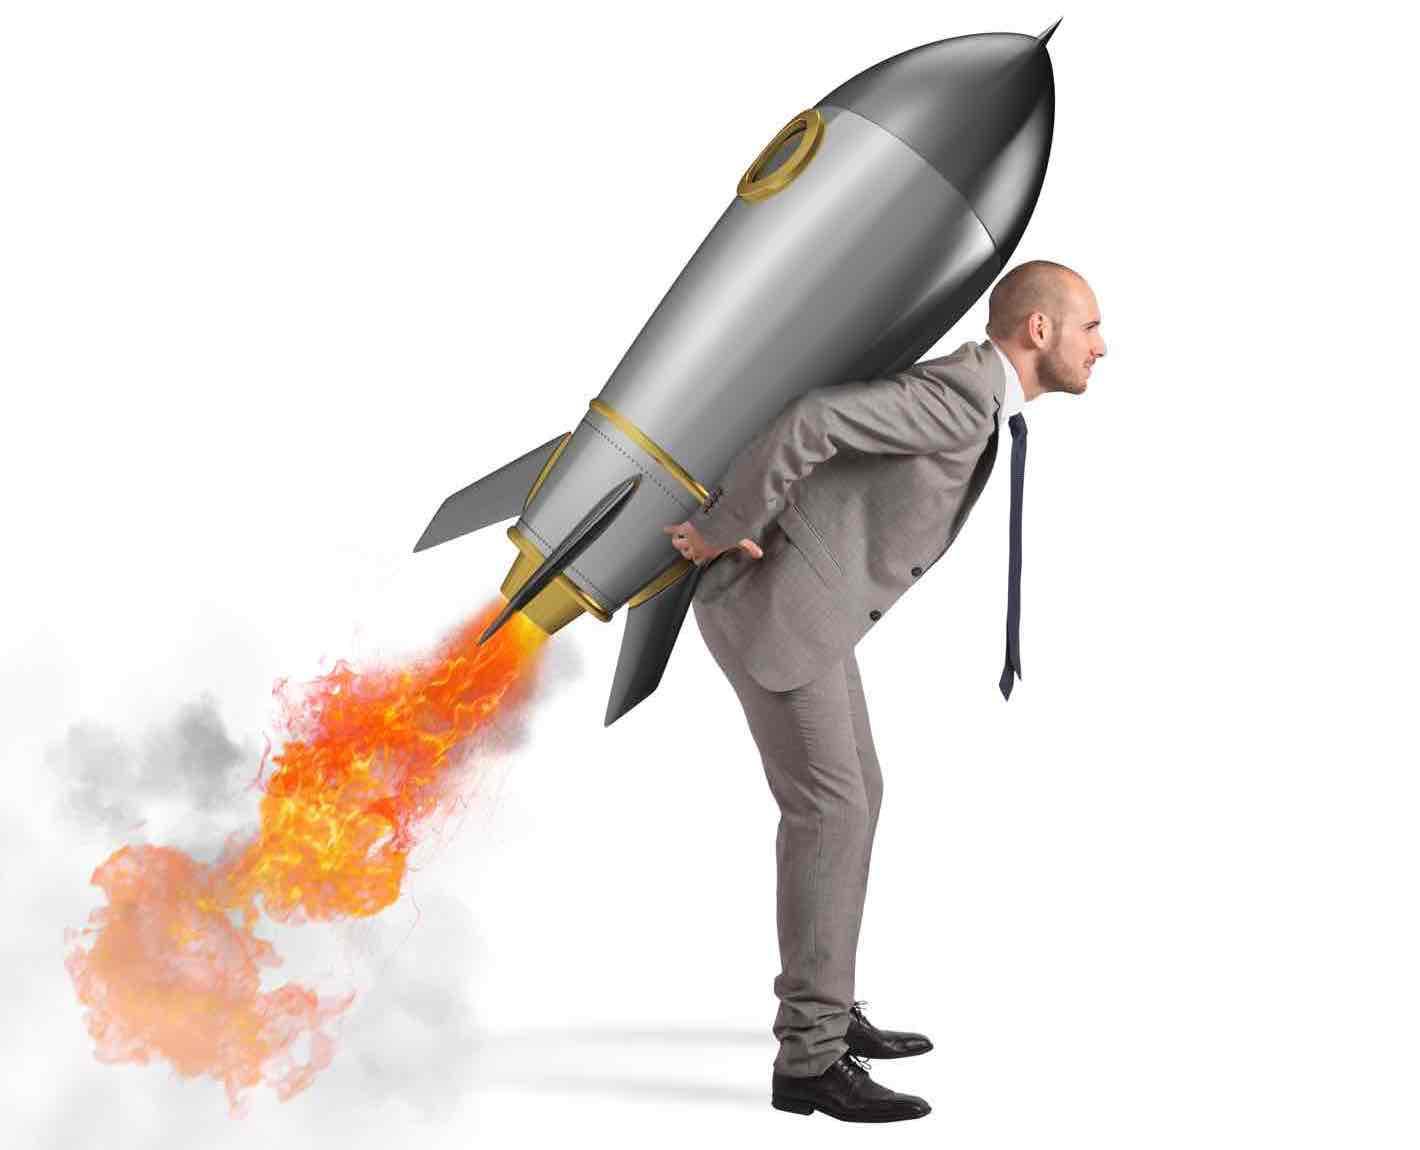 b2b-ondernemer-slimme-marketing-sales